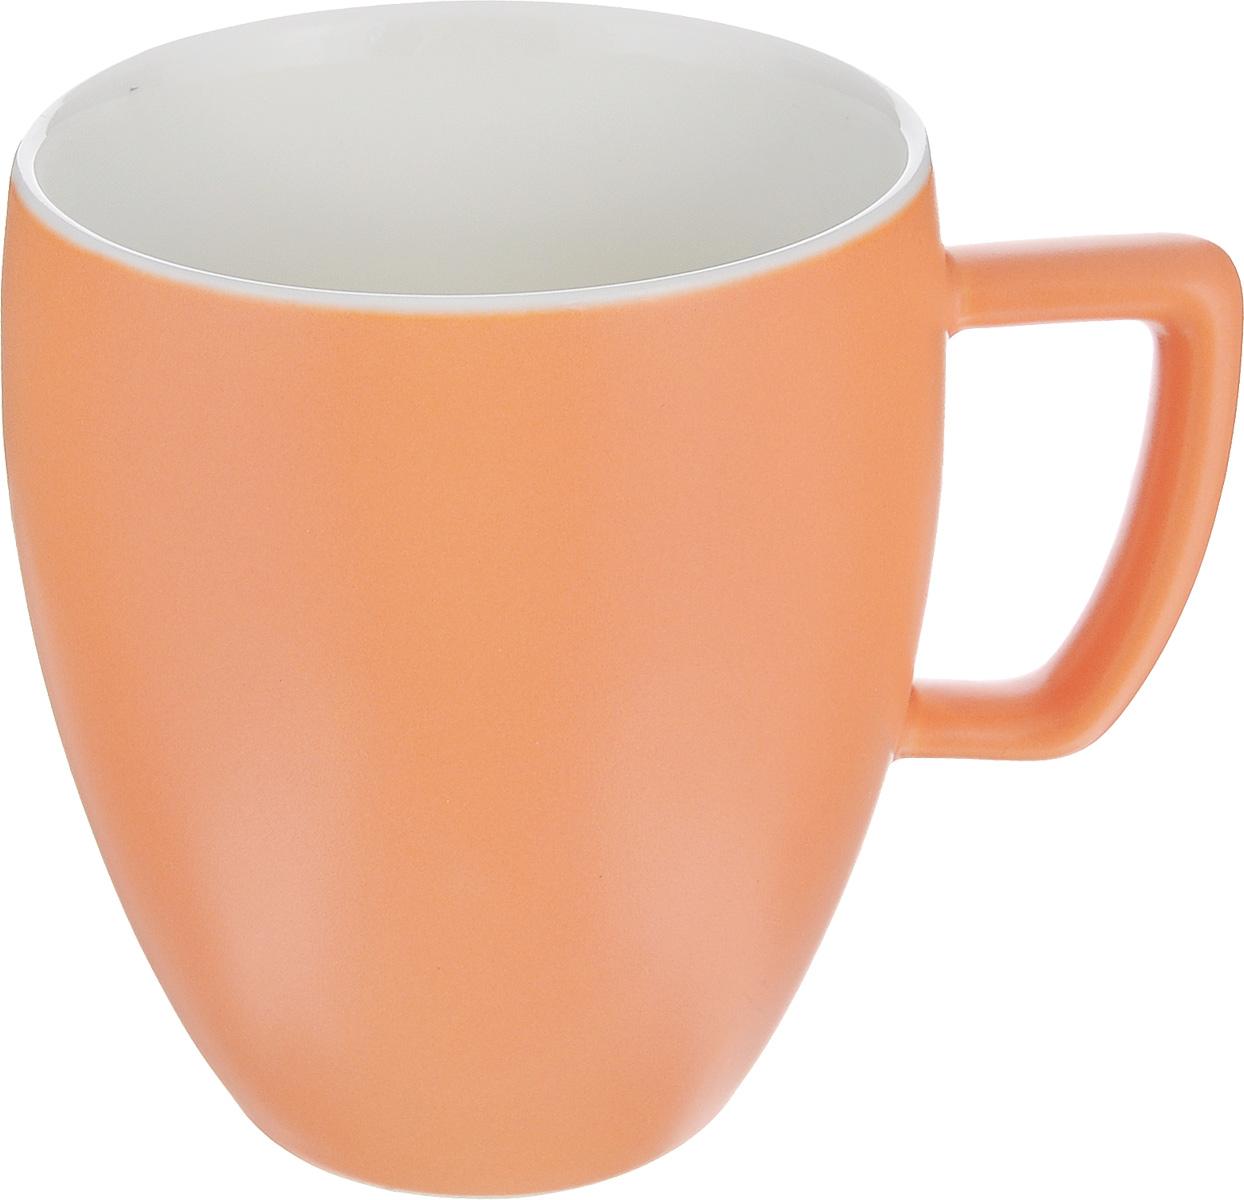 Кружка Tescoma Crema Tone, цвет: оранжевый, 300 мл387146_оранжевыйКружка Tescoma Crema Tone, изготовленная из высококачественного фарфора, прекрасно дополнит интерьер вашей кухни. Изящный дизайн кружки придется по вкусу и ценителям классики, и тем, кто предпочитает утонченность и изысканность. Кружка Tescoma Crema Tone станет хорошим подарком к любому празднику. Диаметр (по верхнему краю): 8 см. Высота: 10 см.